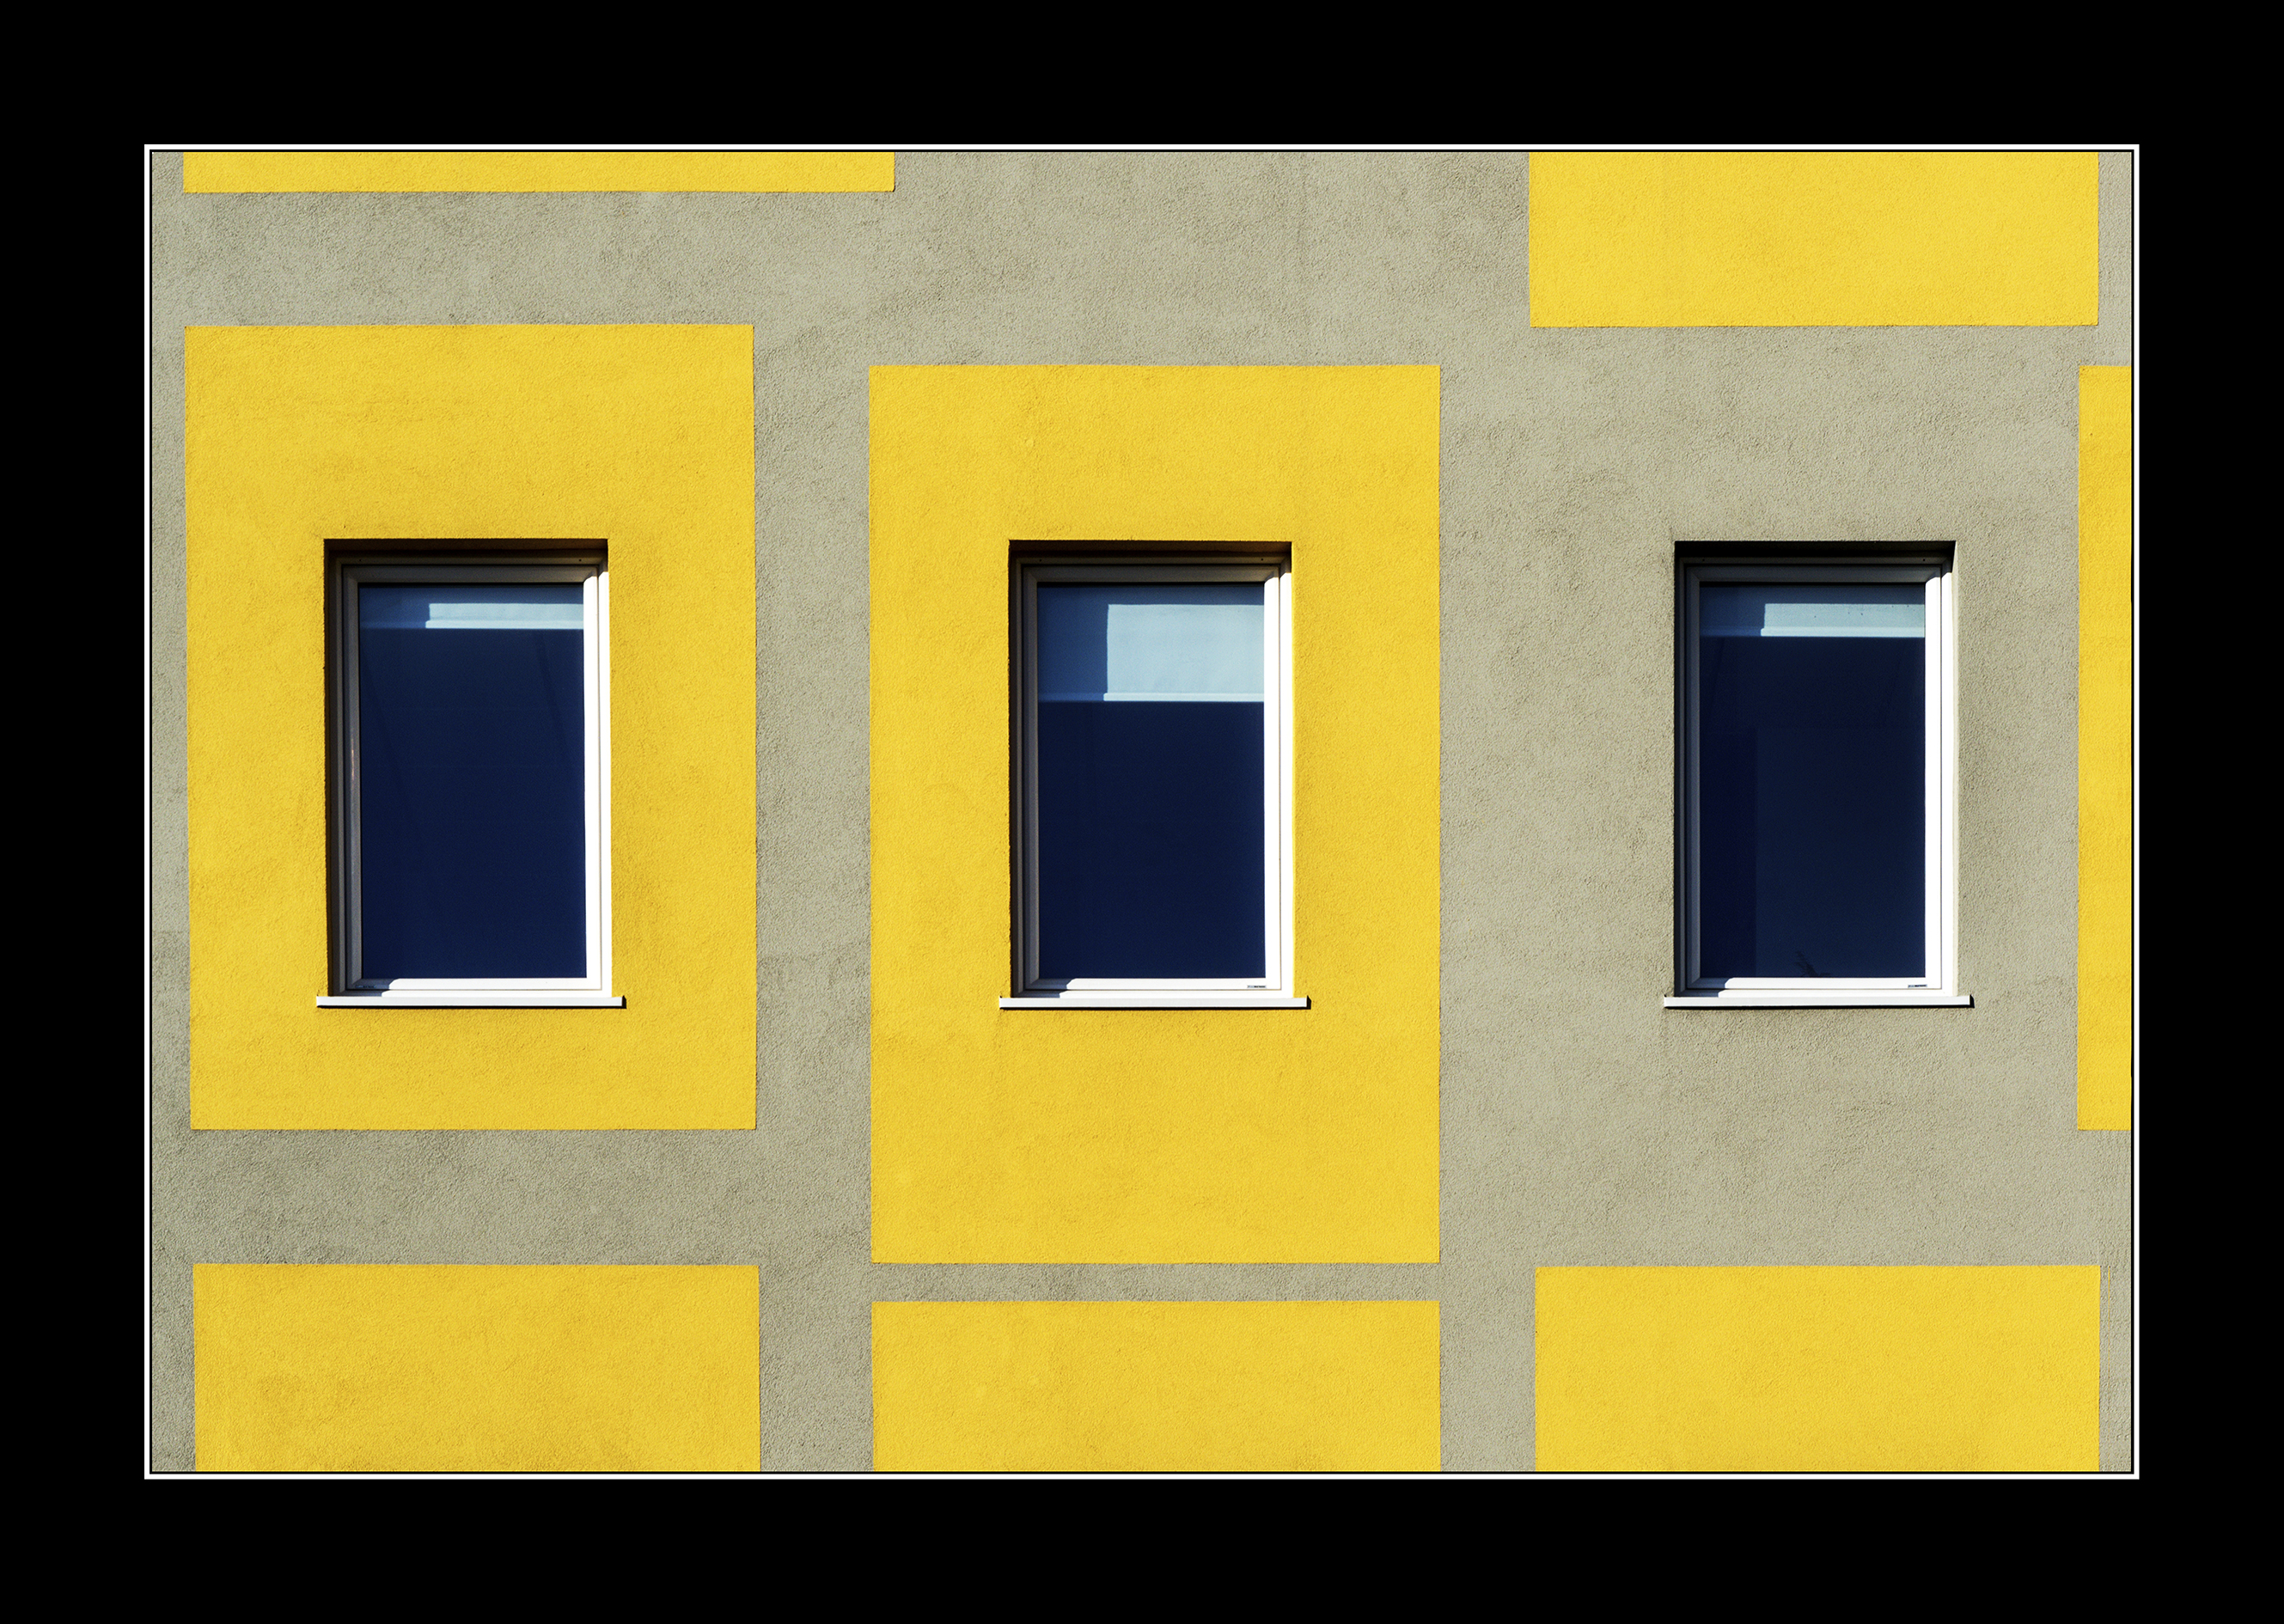 Finestre irregolari di NinoZx21